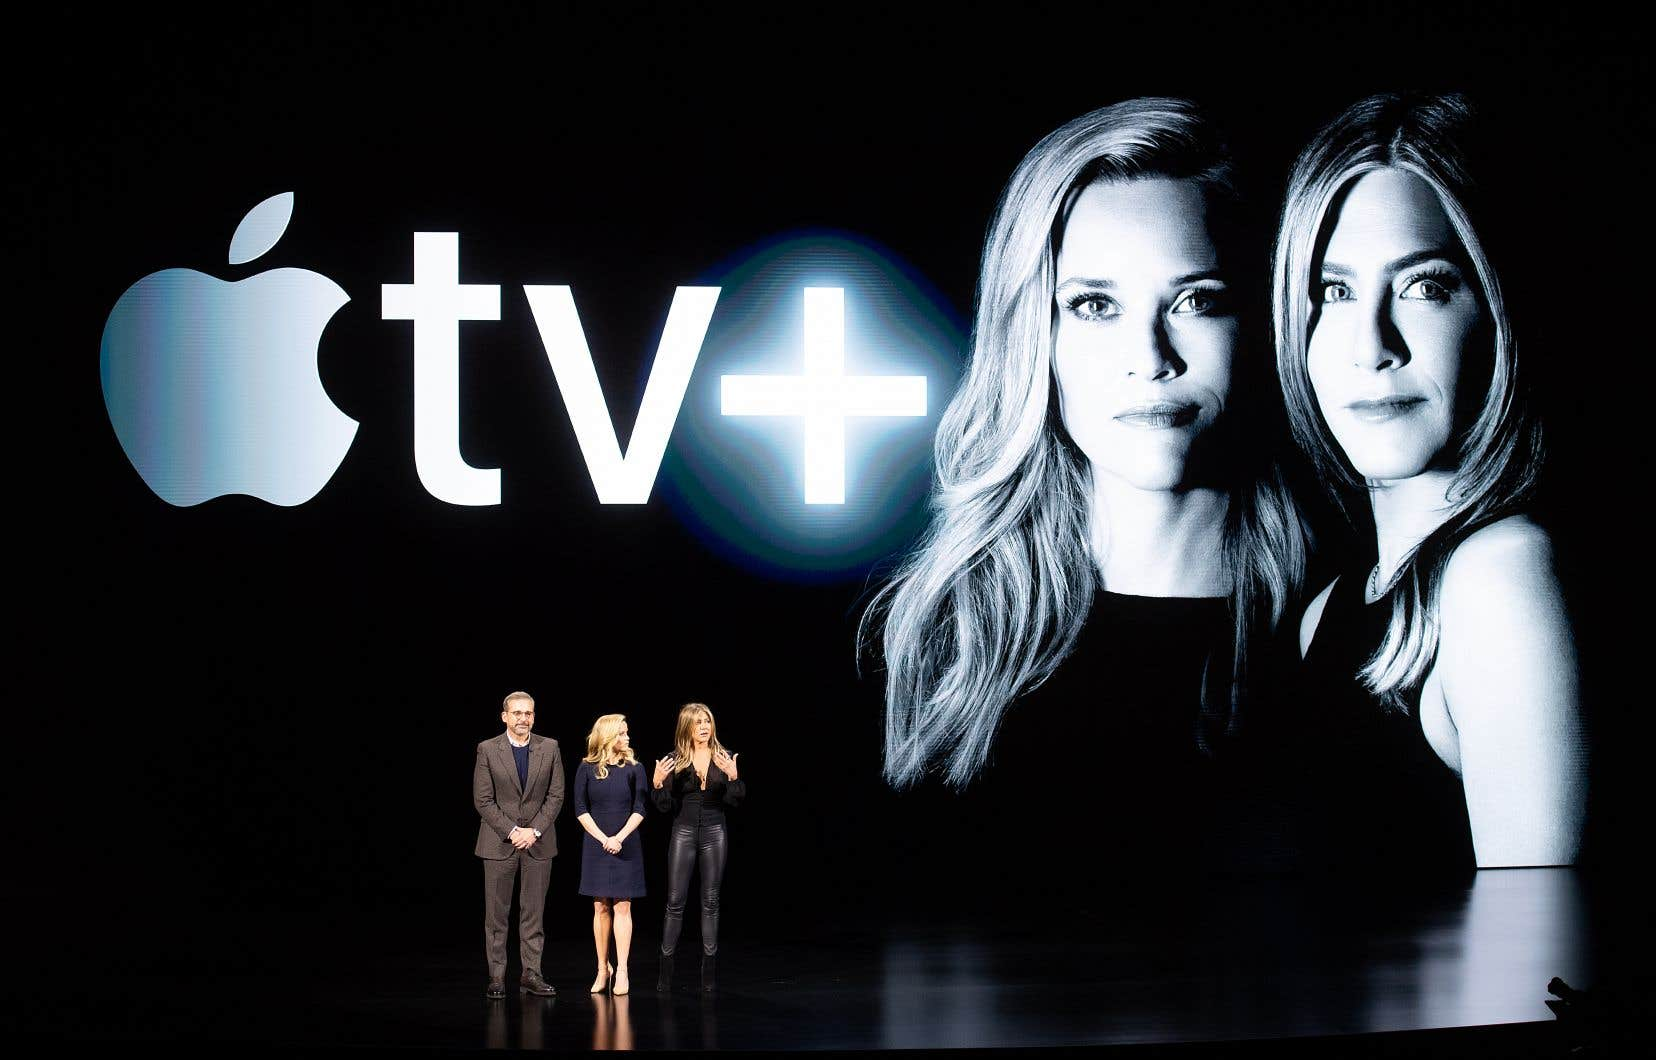 Pour annoncer sa première série en streaming, la plateforme Apple TV+ a fait les choses en grand. Les acteurs principaux de The Morning Show, Steve Carrell, Reese Whiterspoon et Jennifer Aniston, ont participé à la conférence de presse de lancement en mars dernier au siège social californien de la compagnie.